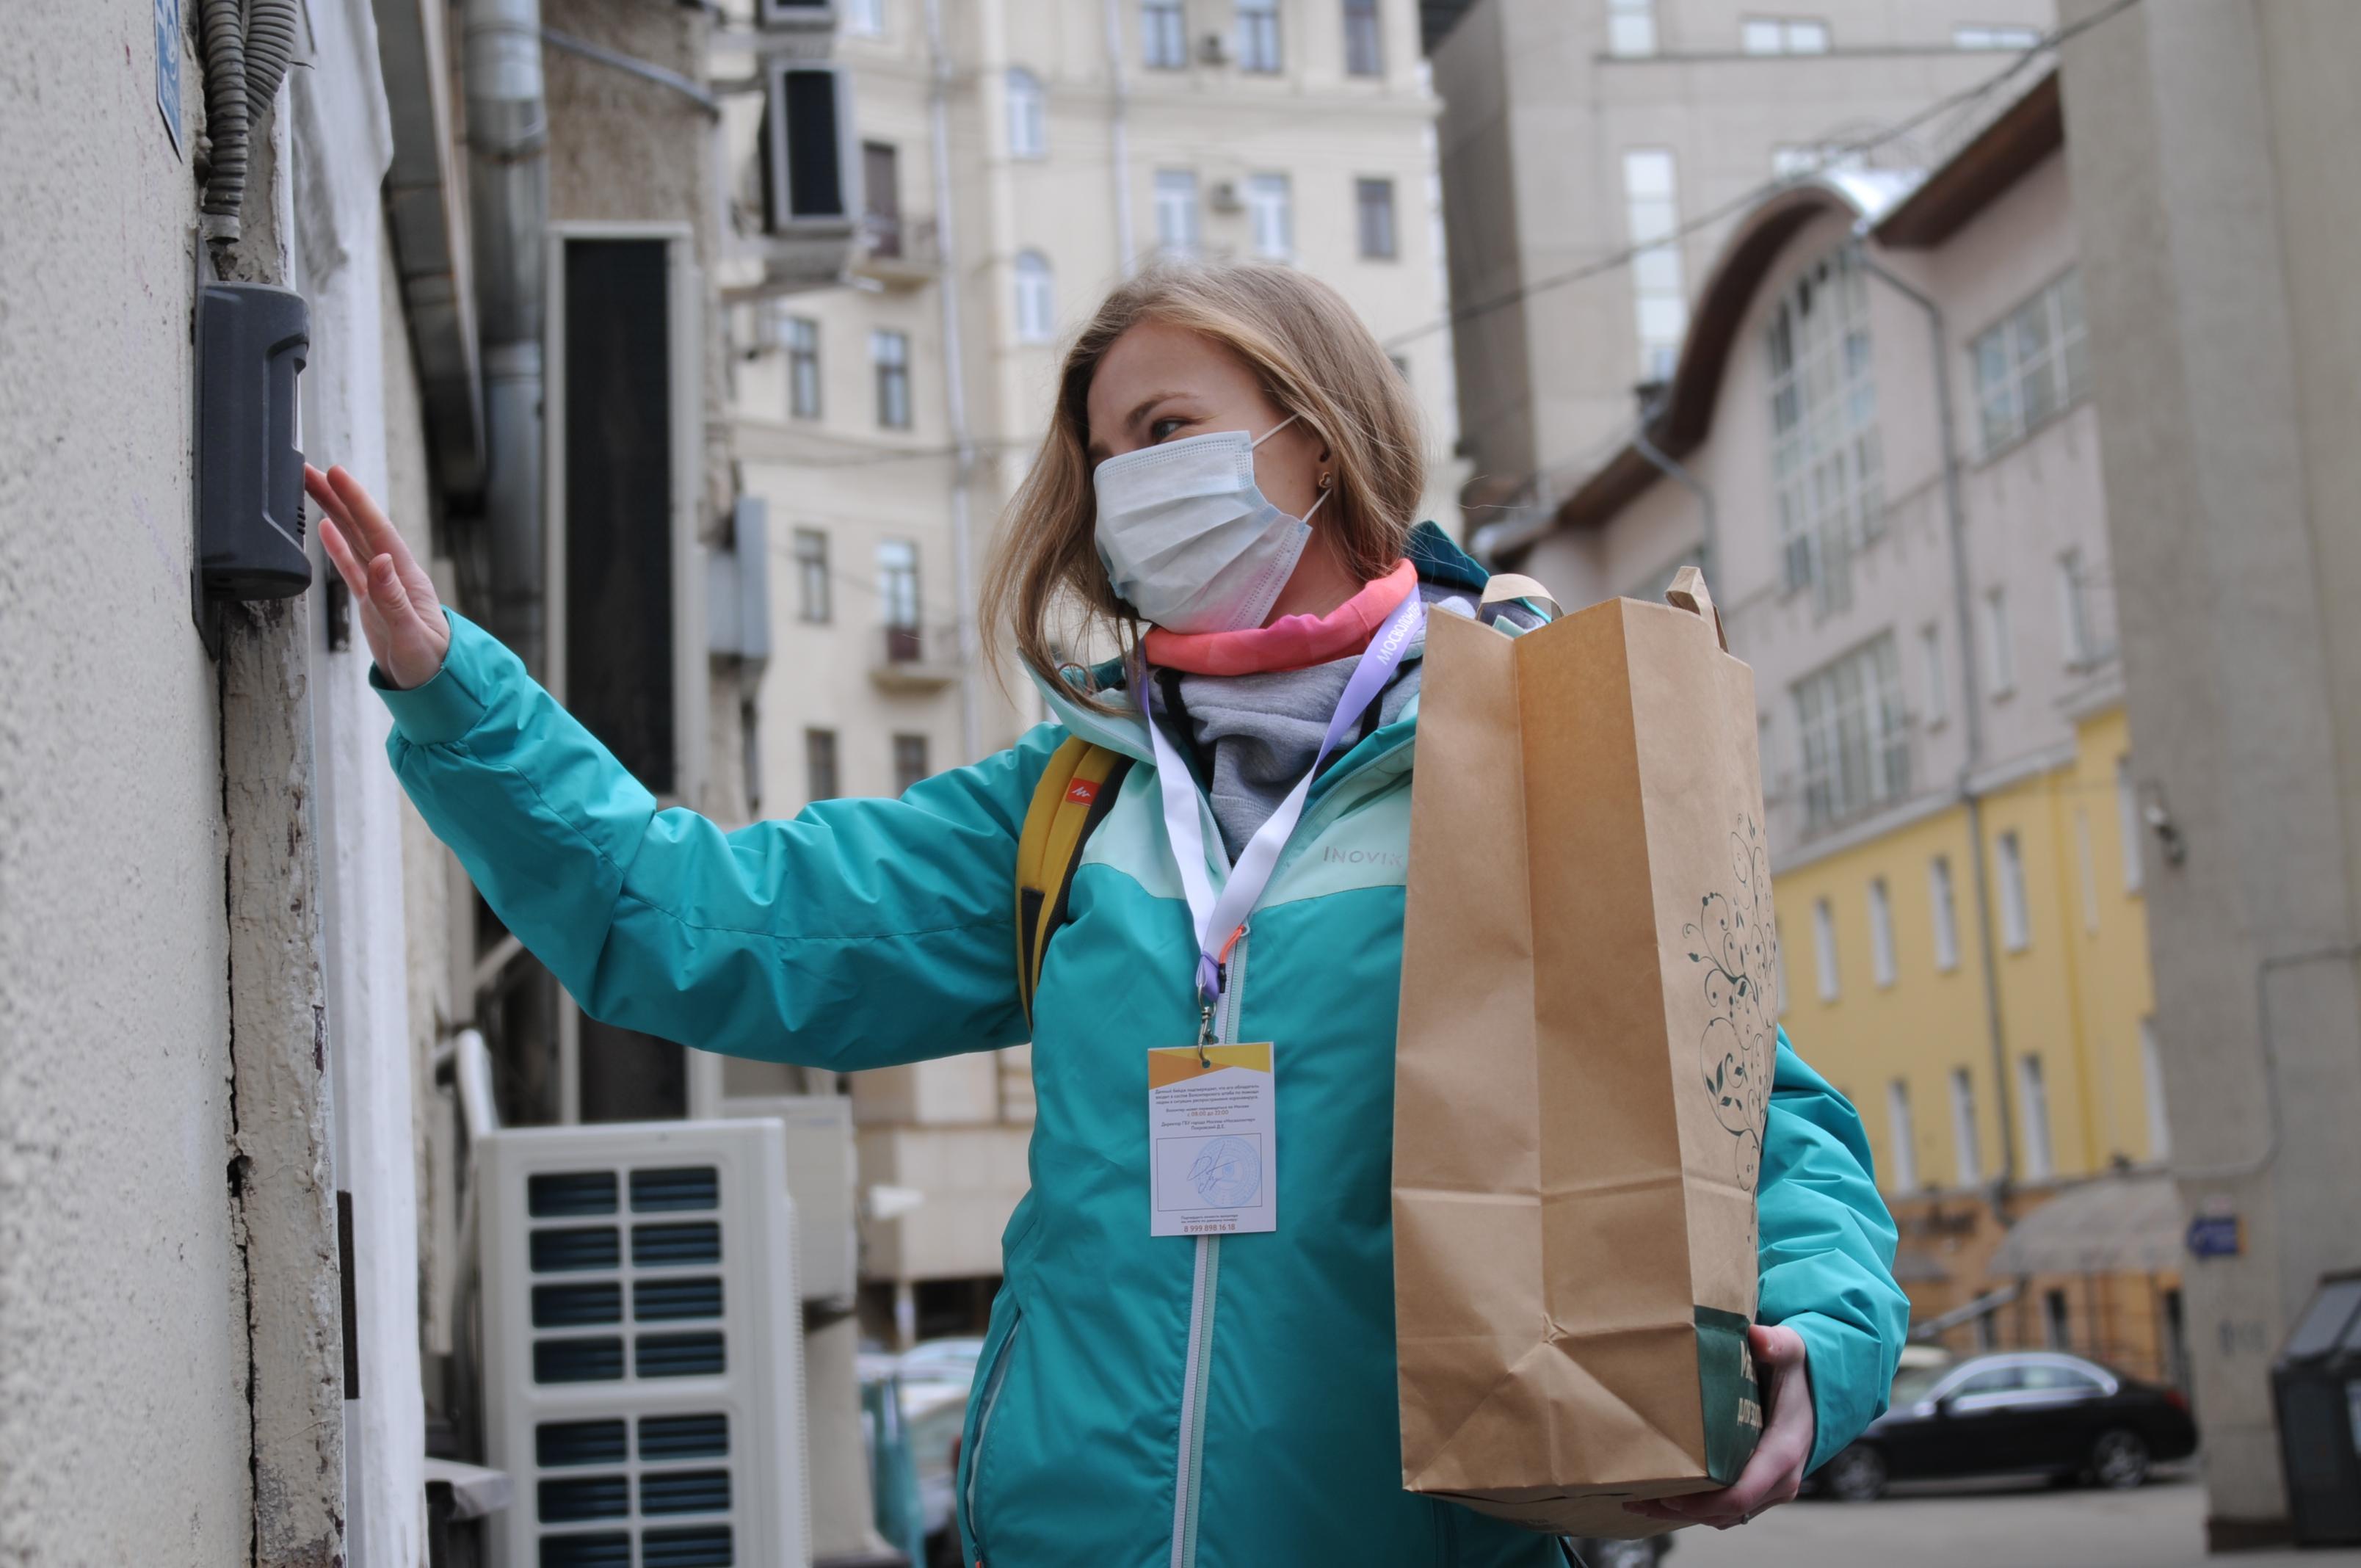 Социальные работники Москвы прошли свыше 170 тысяч километров